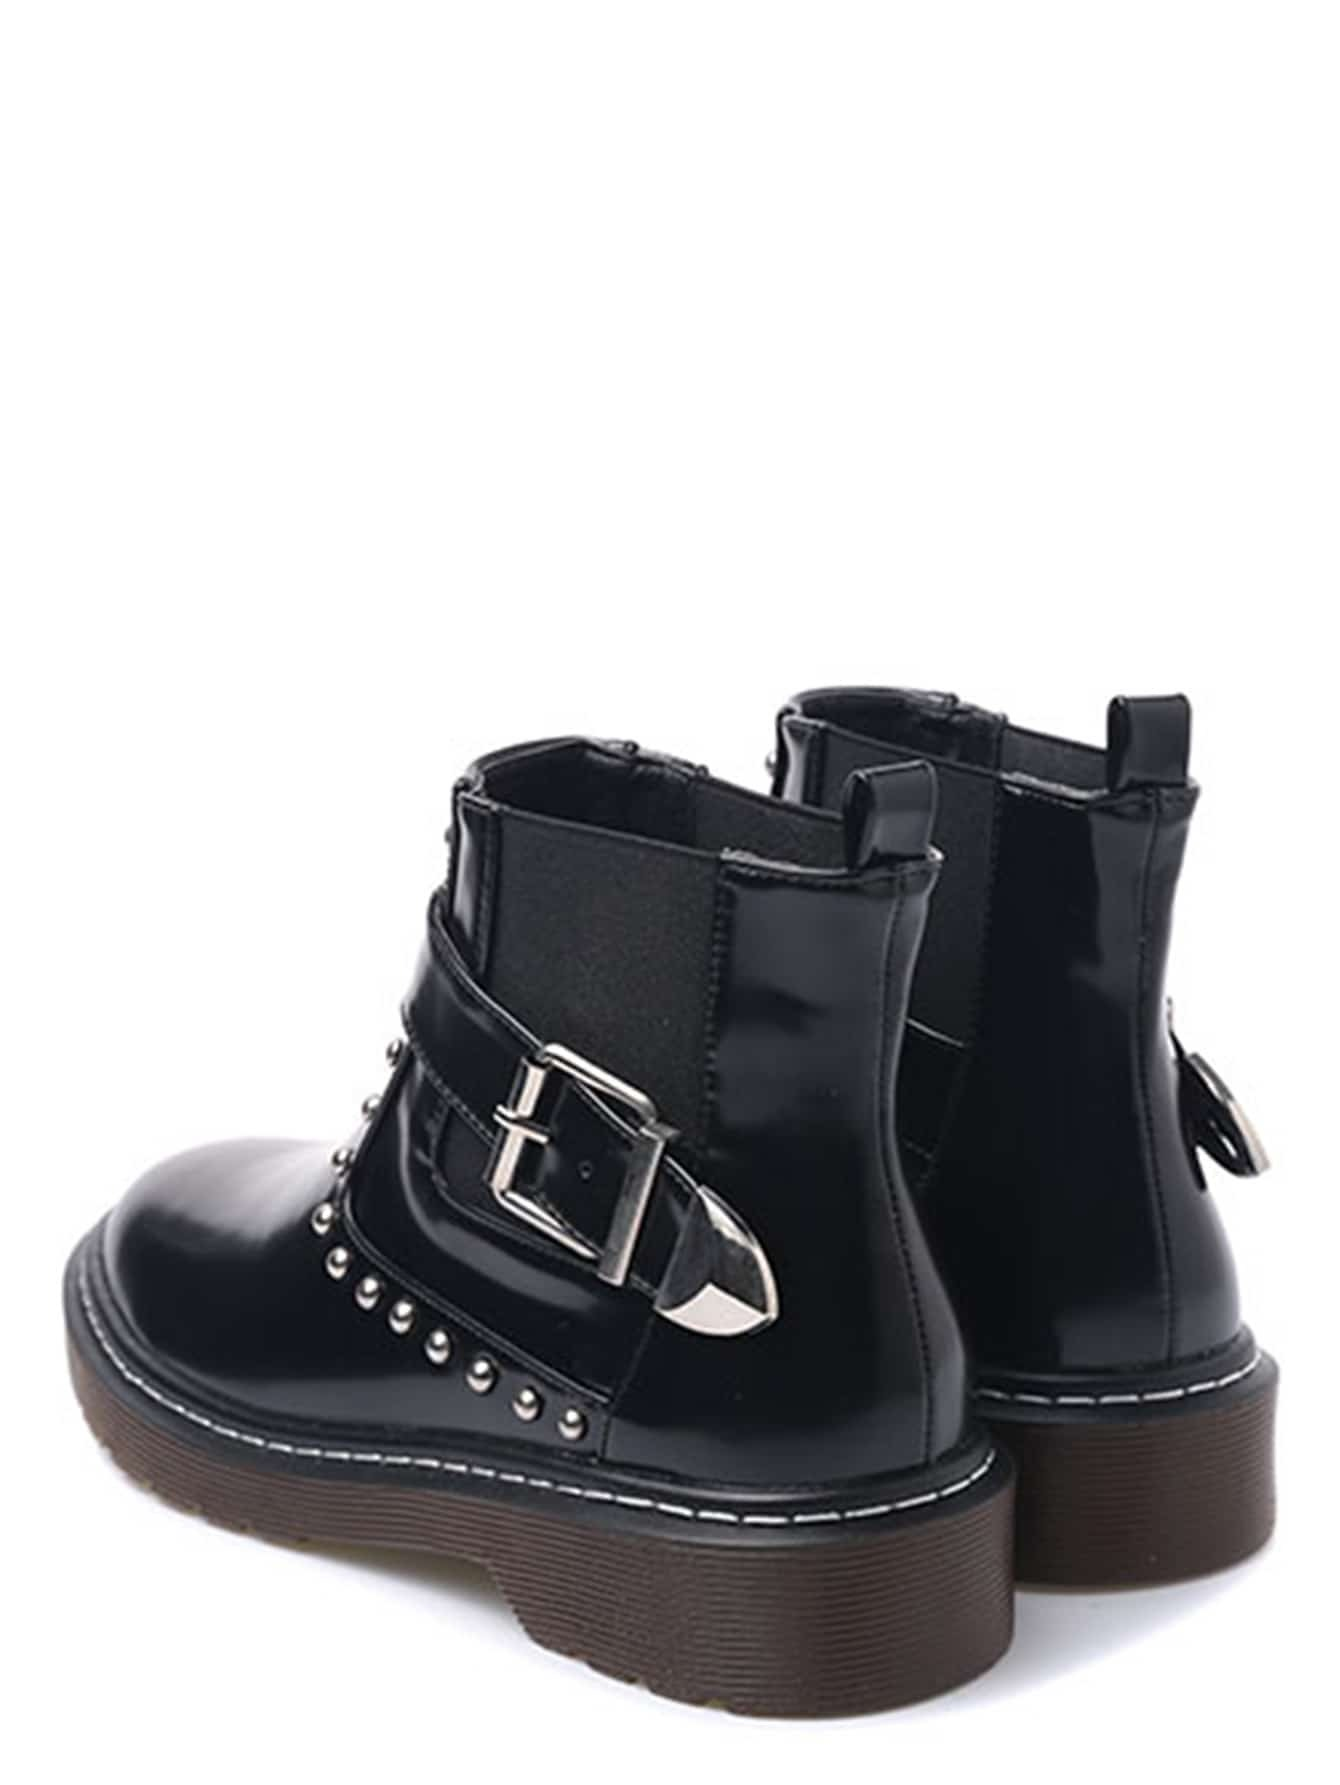 shoes161111804_2